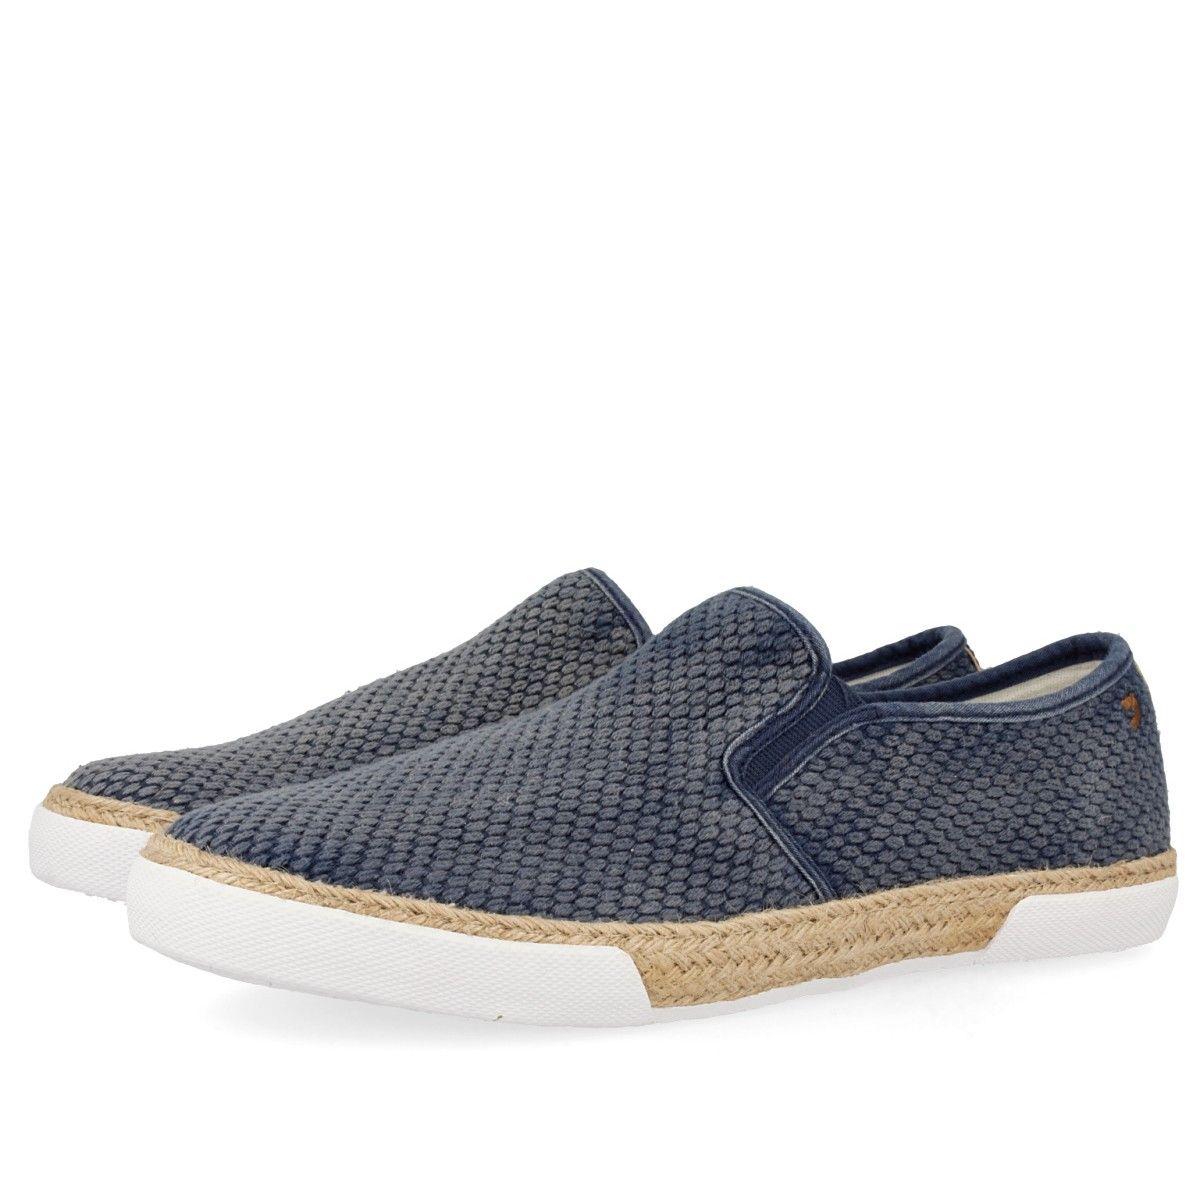 Zapatillas azules estilo slip on, con textura de piel de serpiente. Detalle de elásticos laterales para facilitar el calce y vivos en azul marino. Suela de yute natural trenzado y goma blanca. Corte en textil y forro y plantilla de tejido.